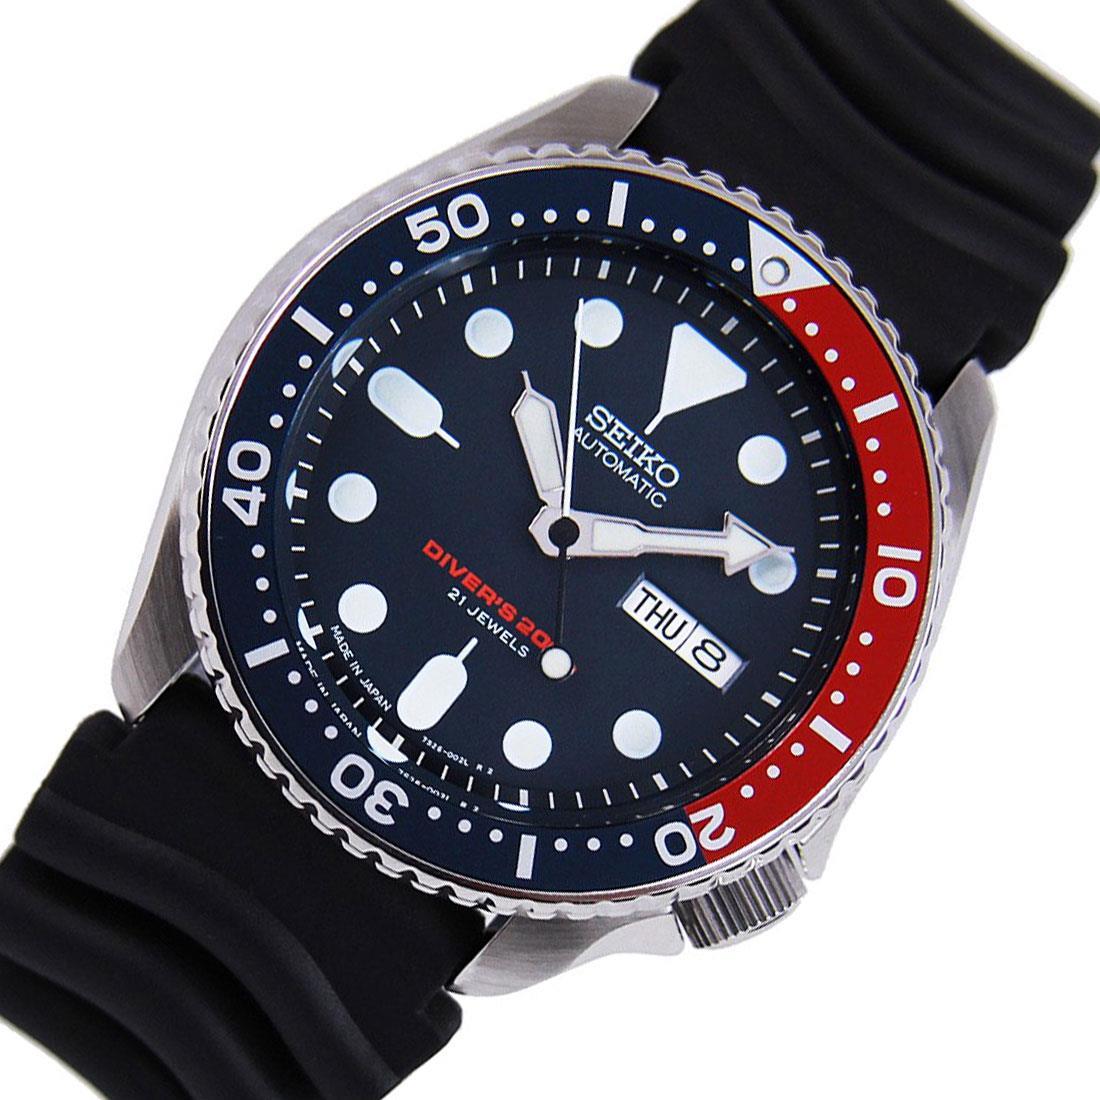 TOP-SELLING-Seiko-SKX009-SKX009J1-SKX009J2-SKX009K1-SKX009K2-Pepsi-Dive-Watch thumbnail 8